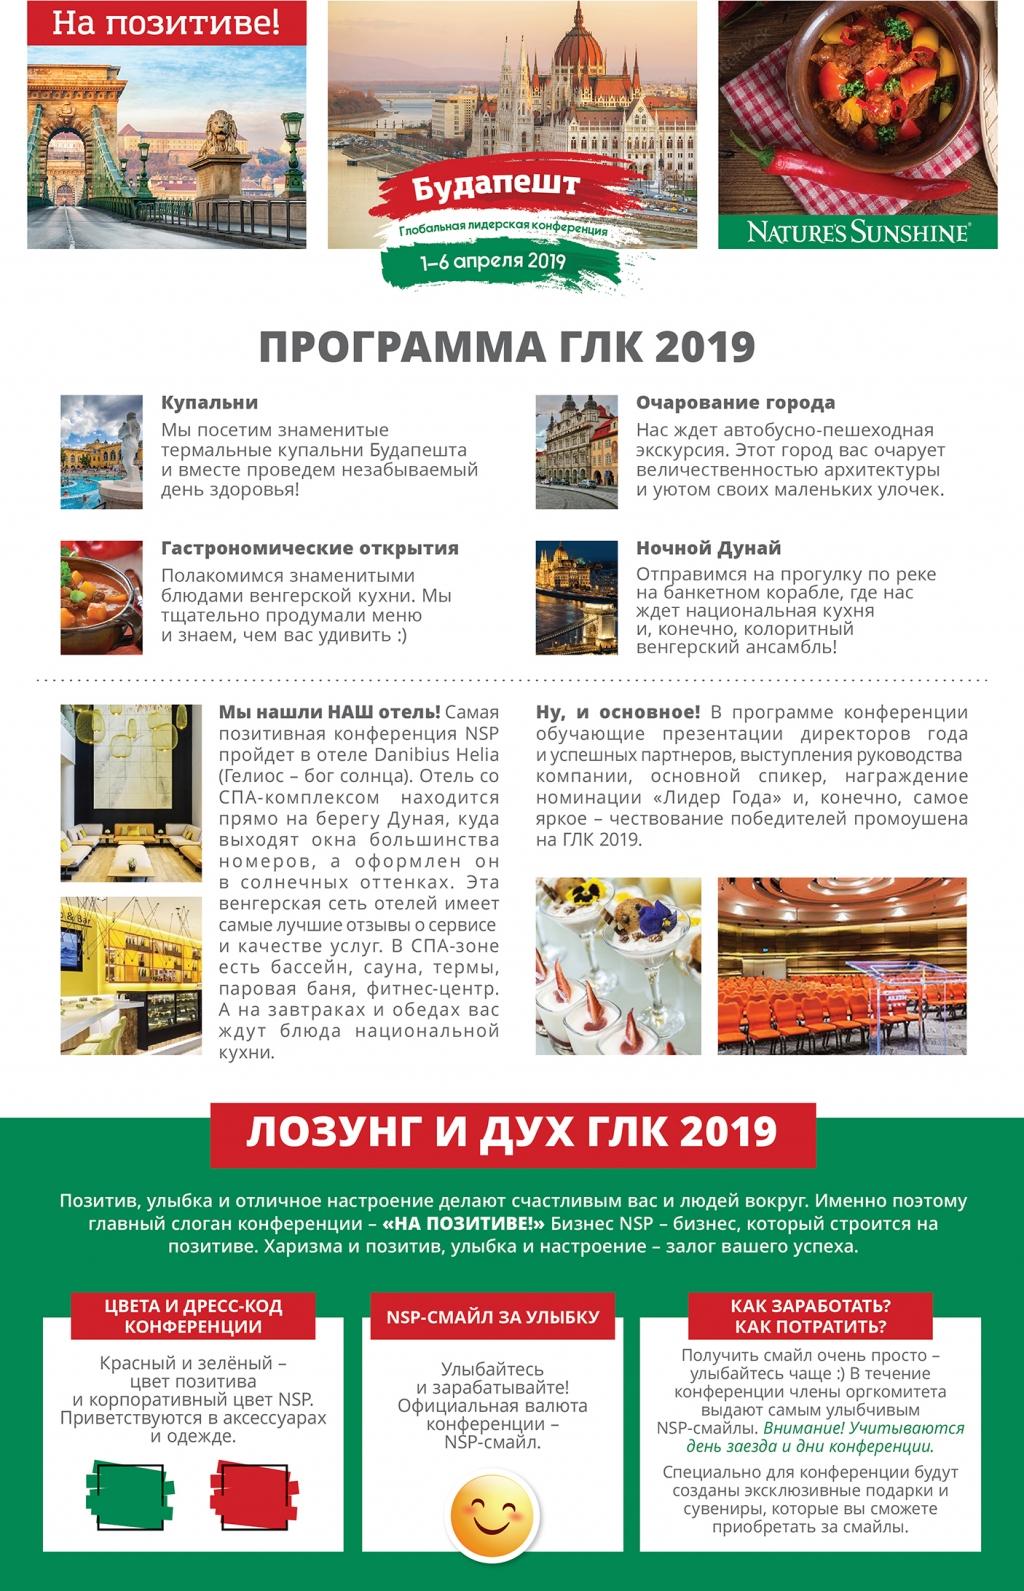 Глобальная лидерская конференция 2019 Будапешт